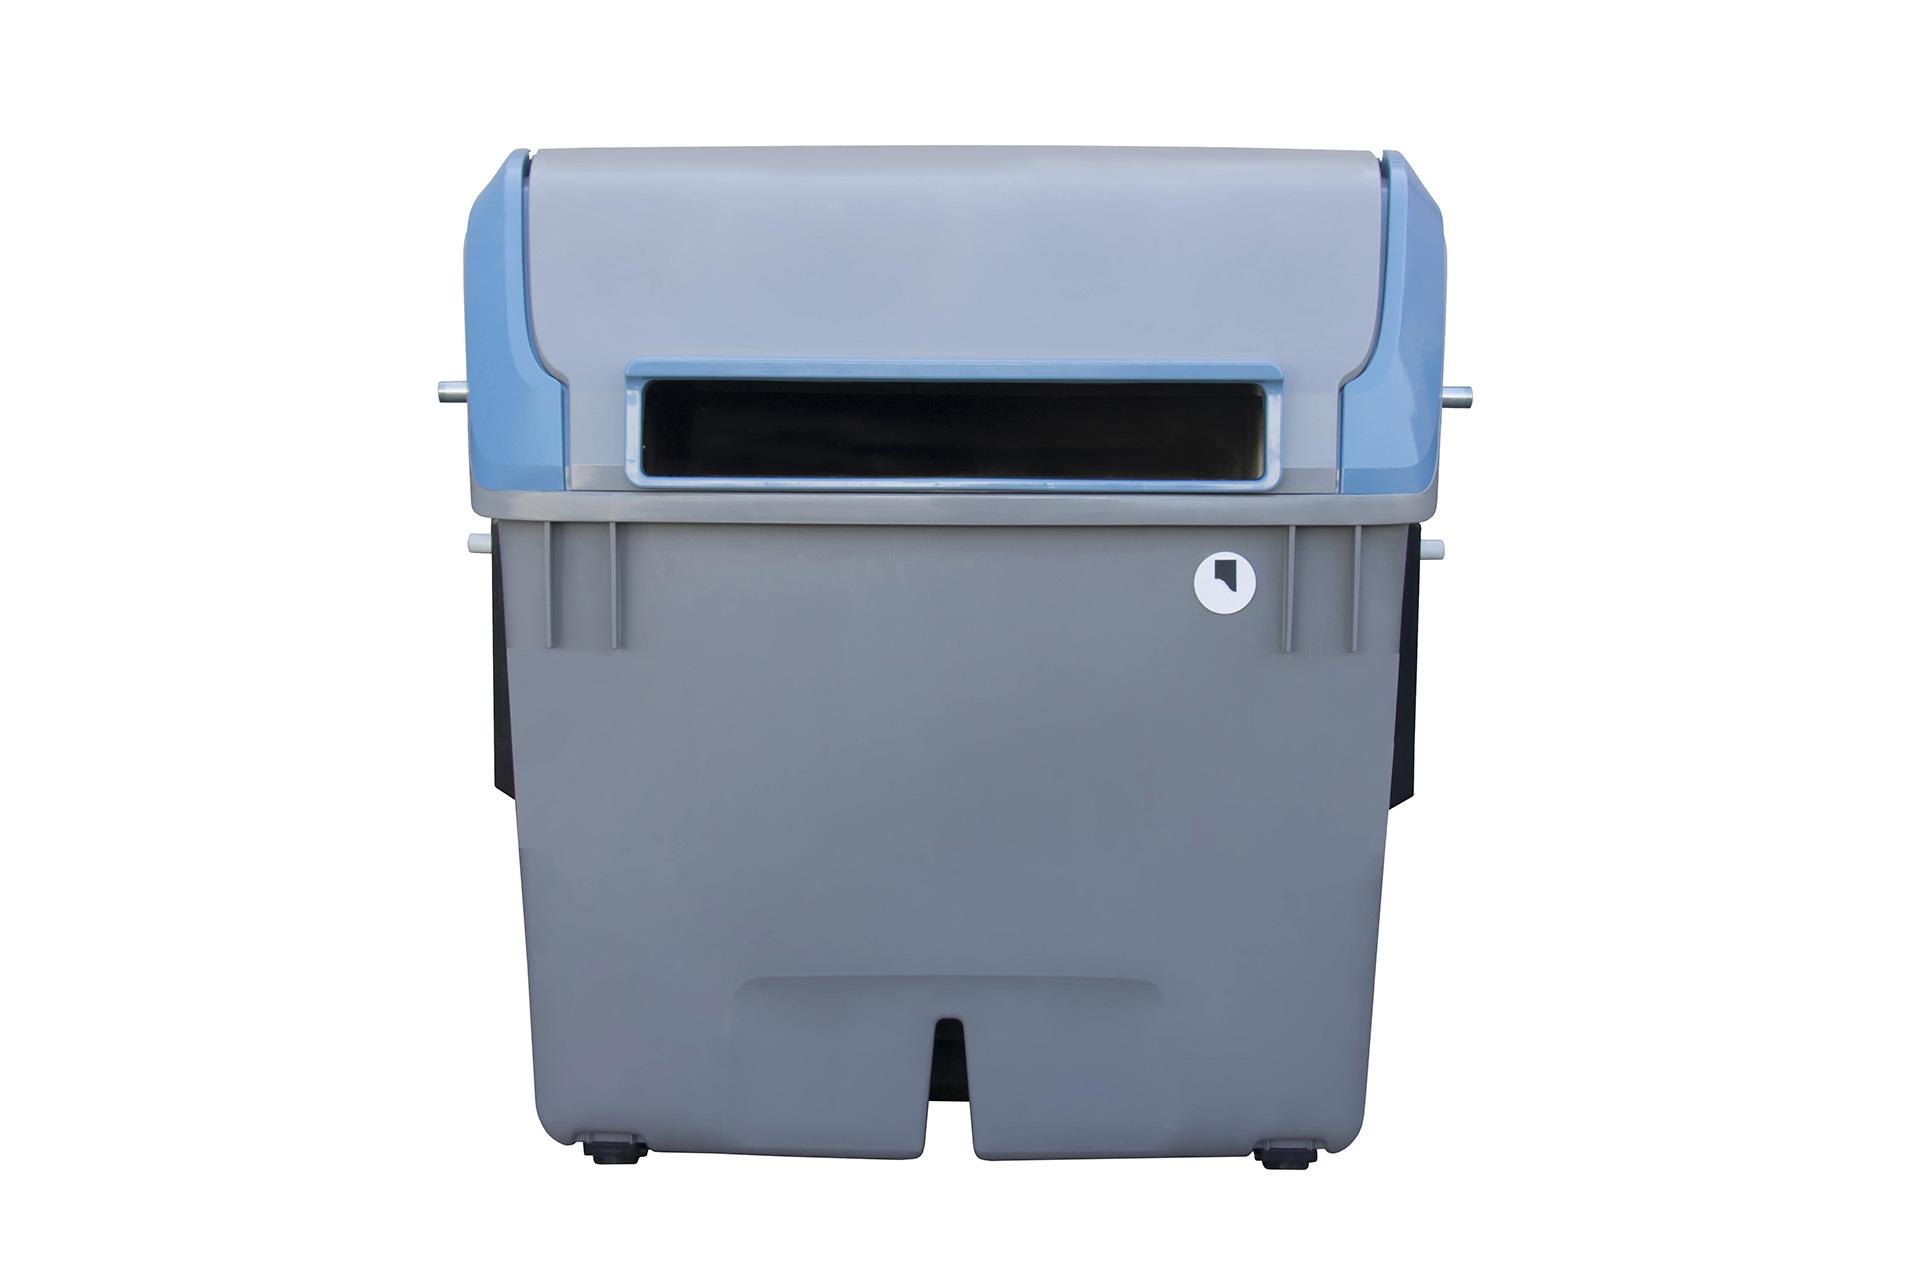 Waste identification